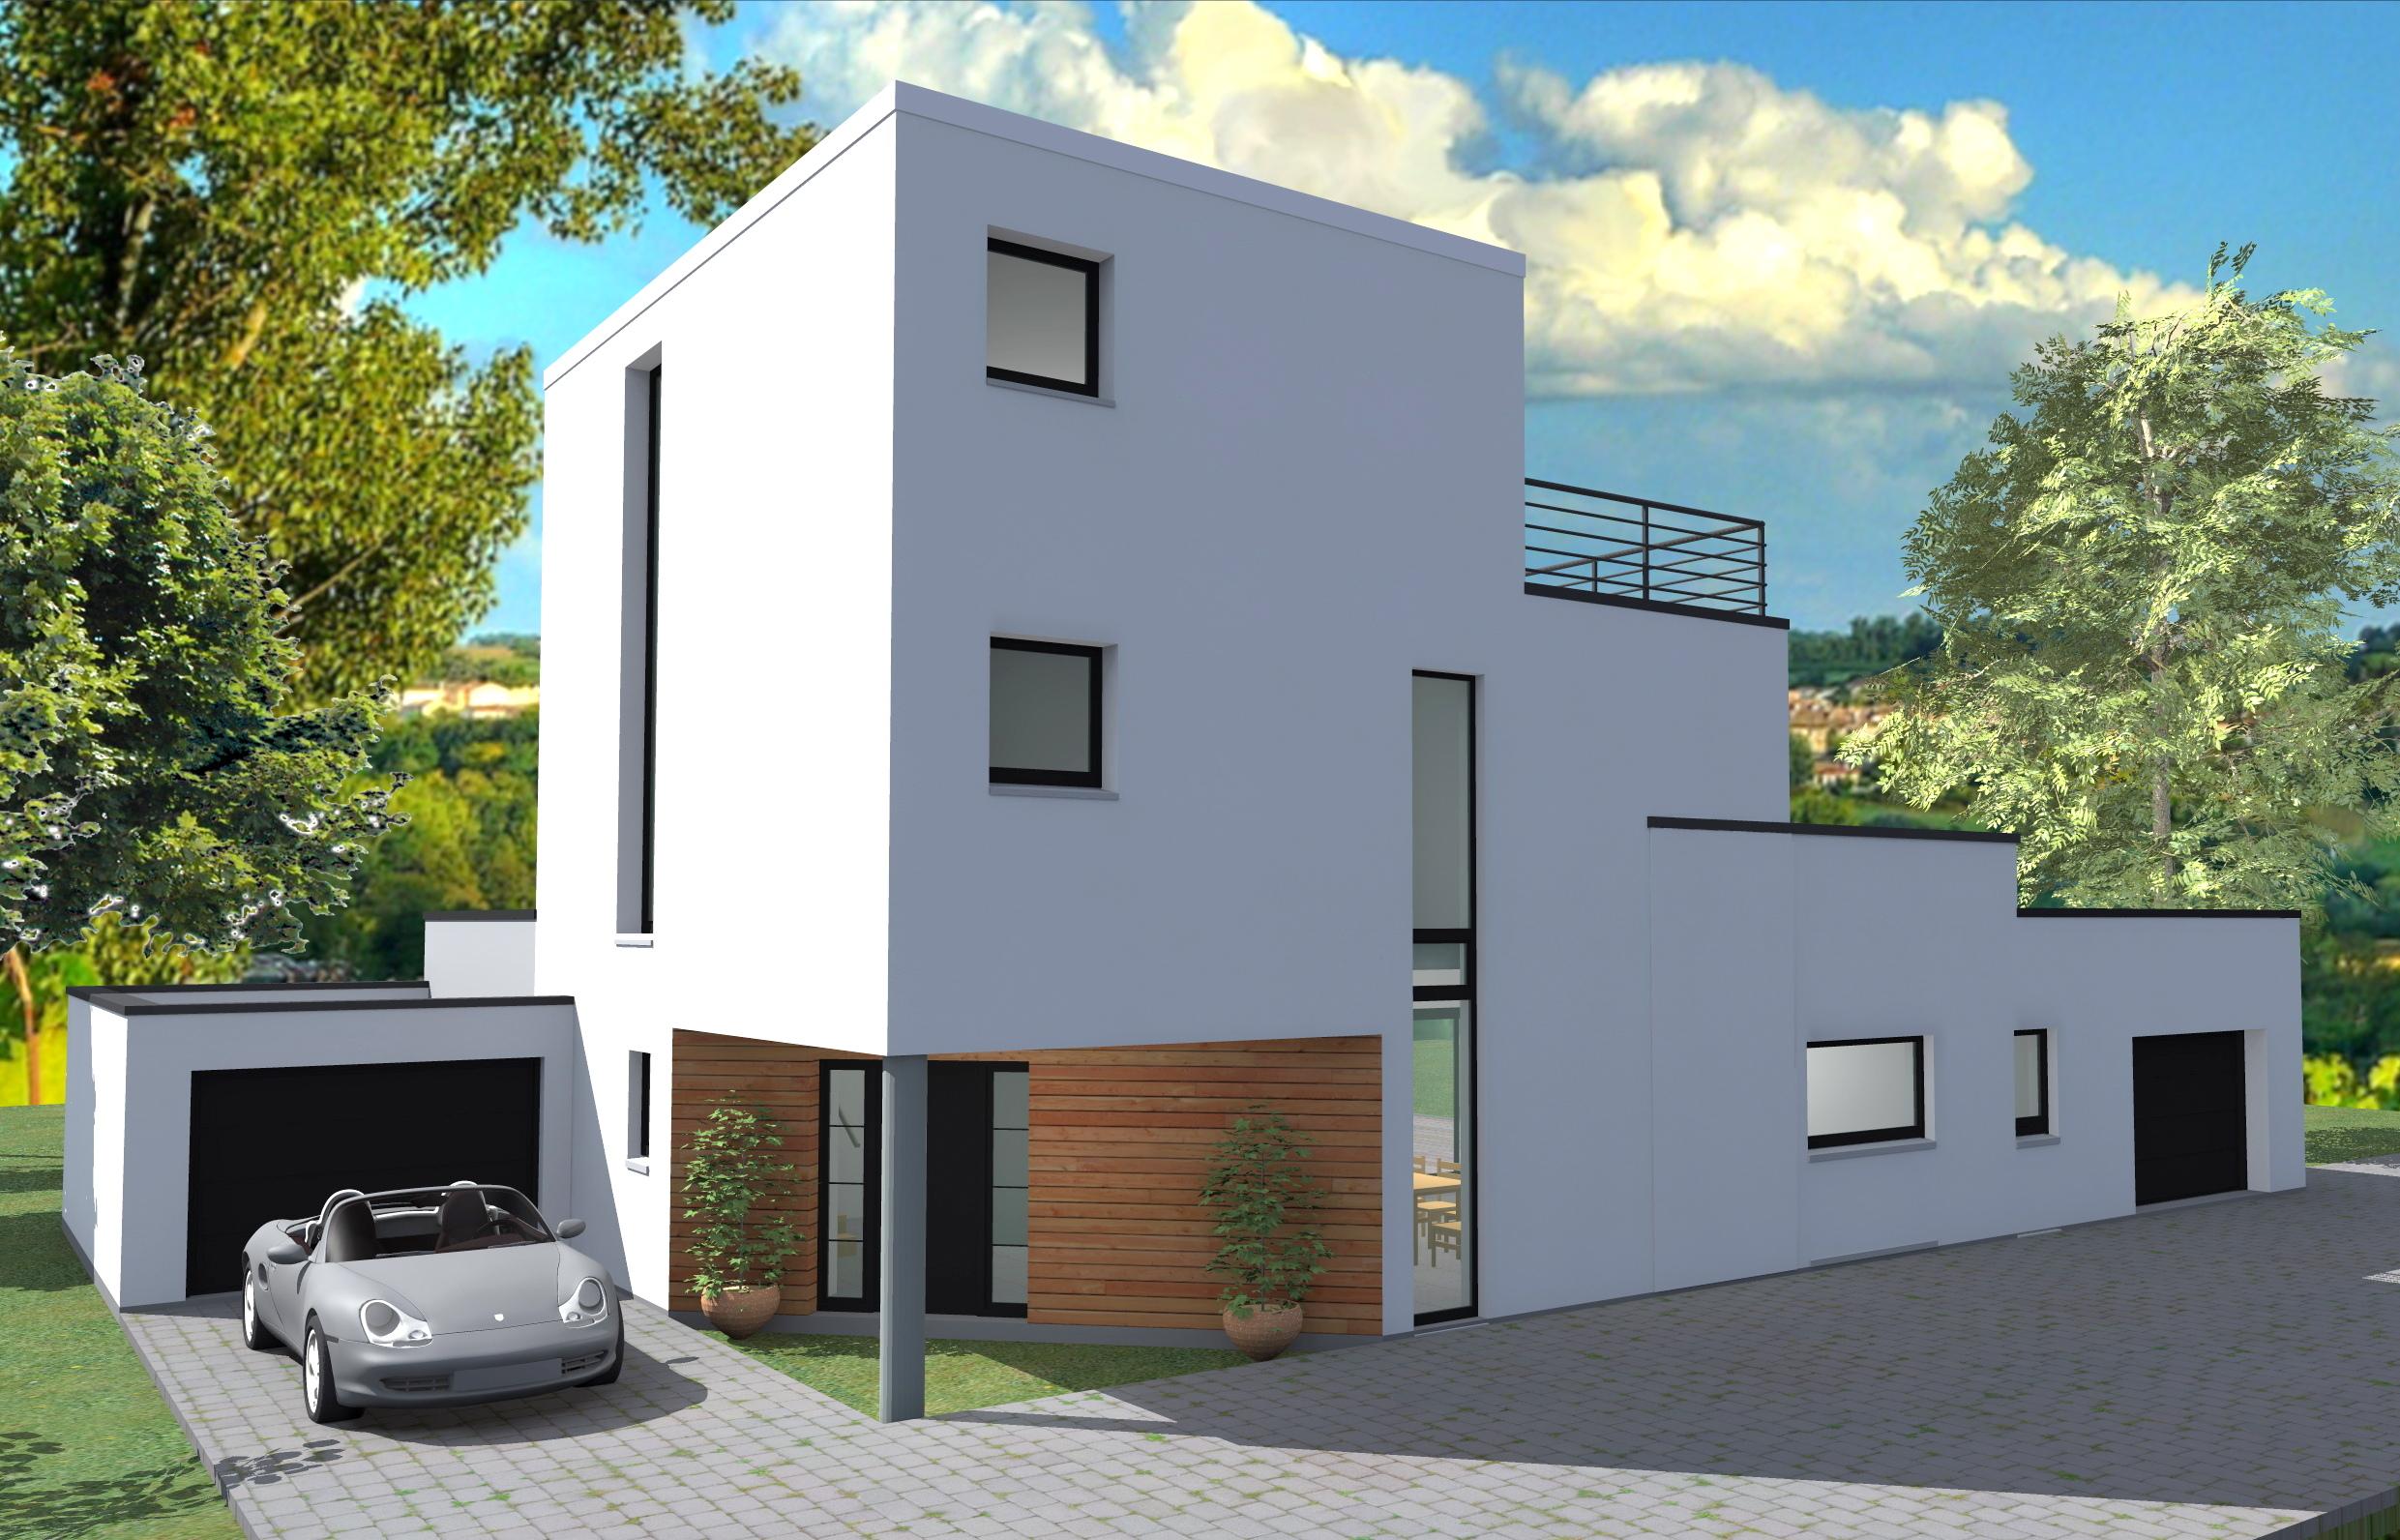 plan de maison maison cube tages. Black Bedroom Furniture Sets. Home Design Ideas